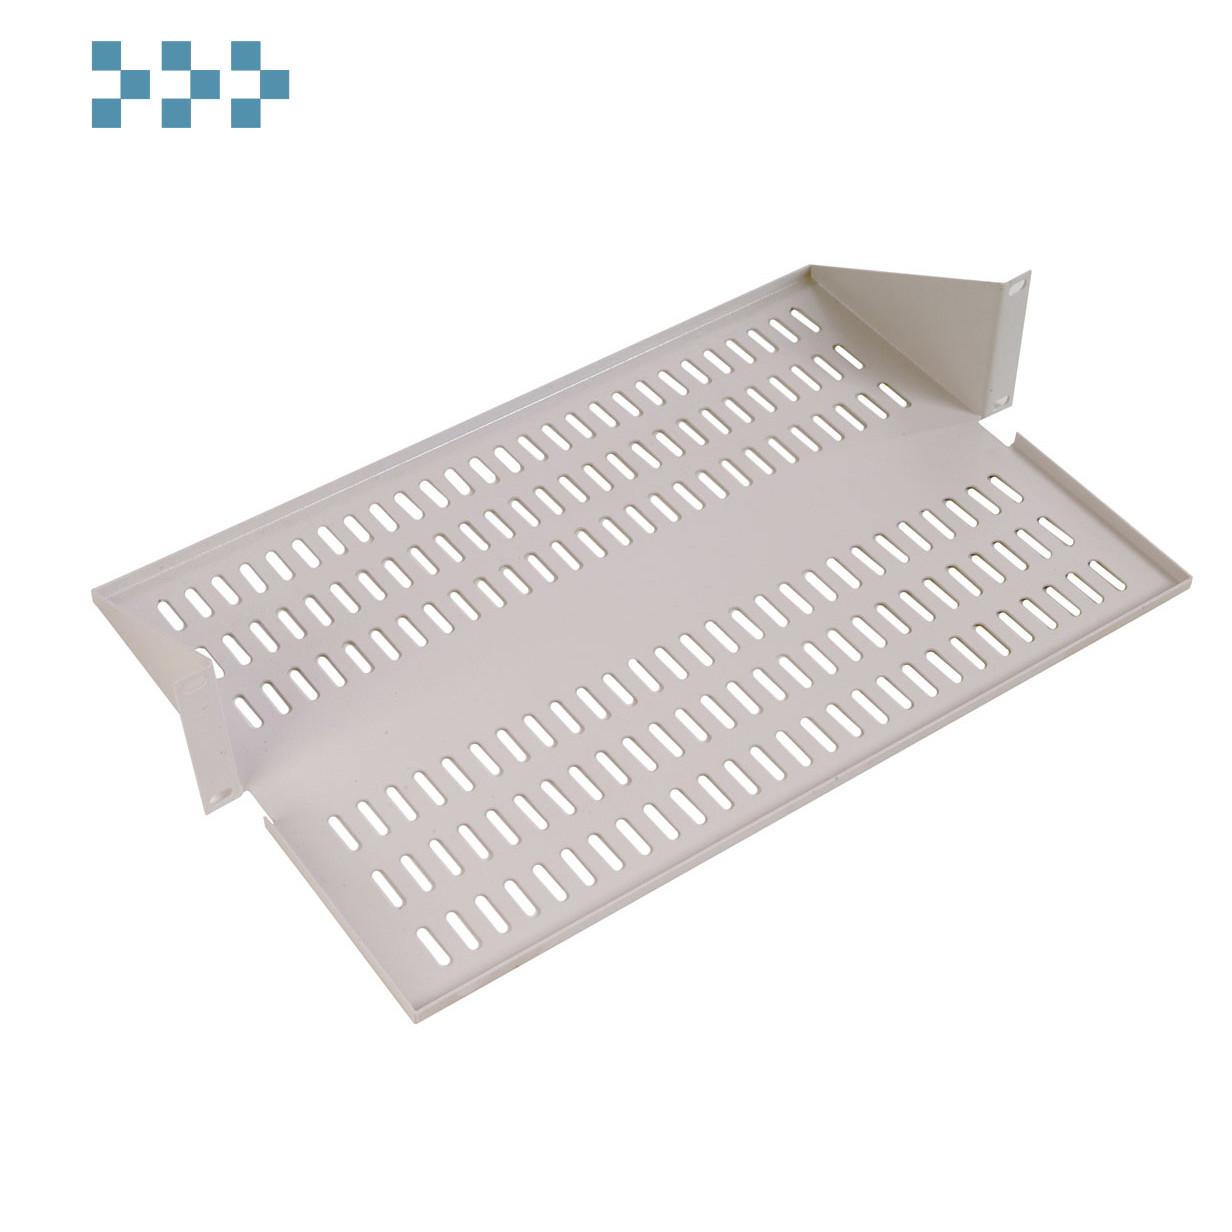 Полка ЦМО МС-30.2-9005